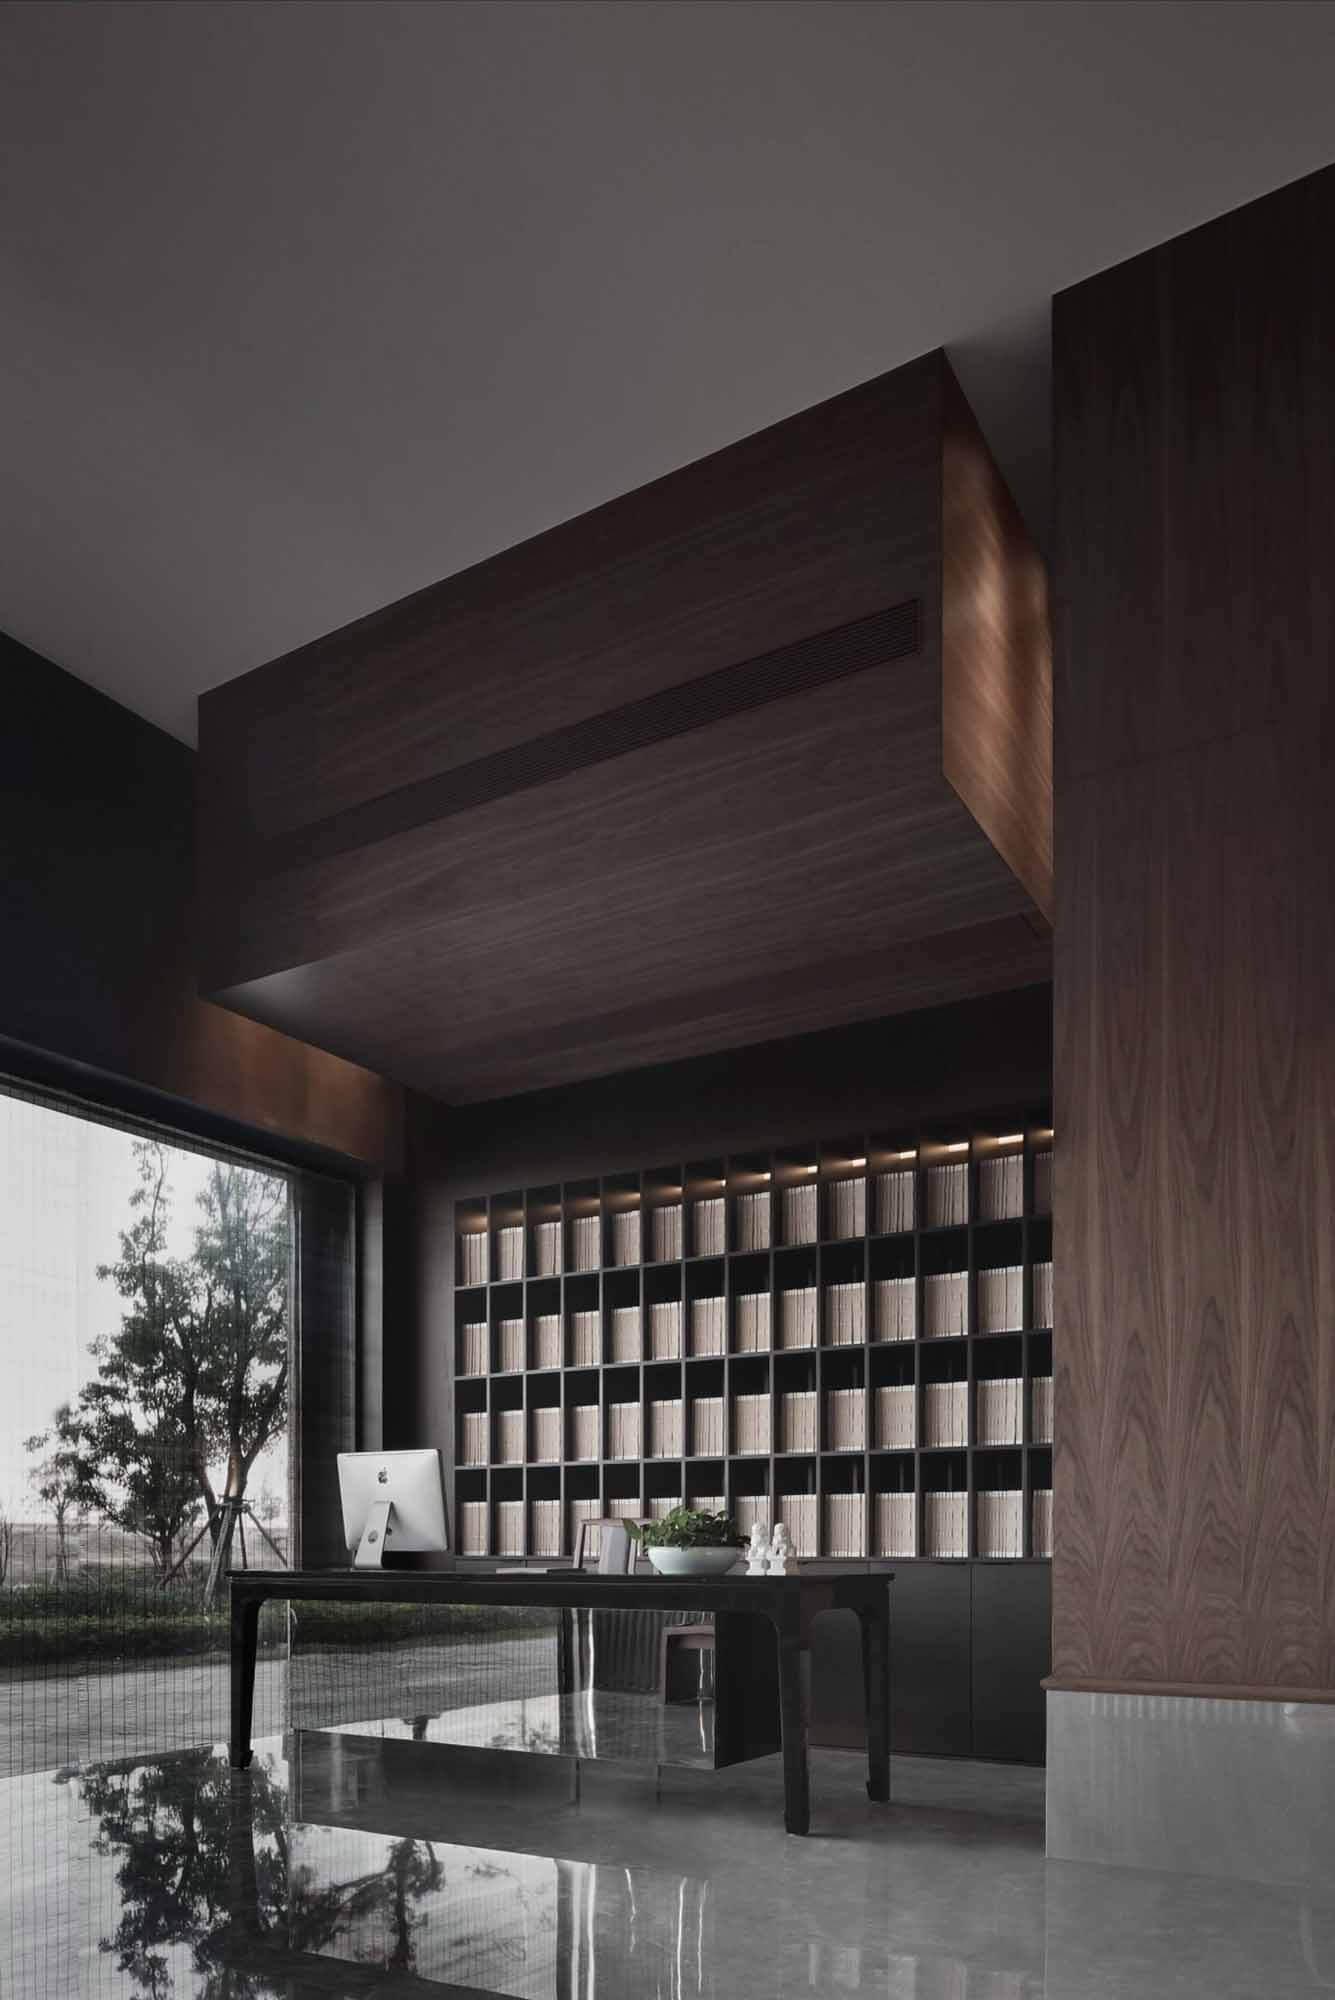 JG Phoenix ссылается на архитектуру династии Тан в ресторане Shantou